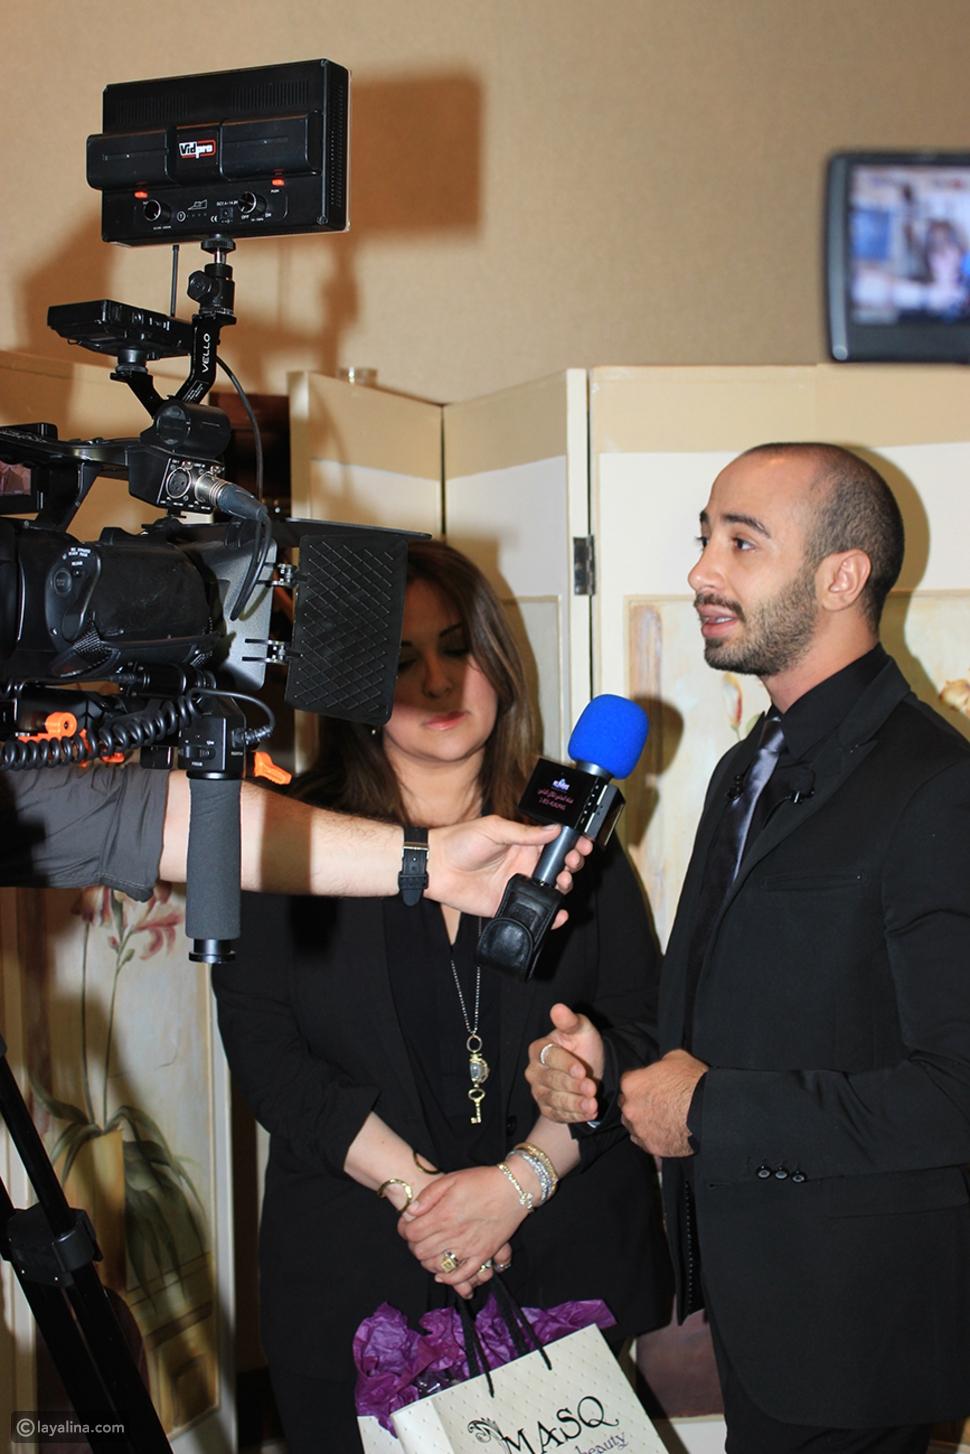 خبير التجميل اللبناني سامر خزامي يلبي دعوة أشهر خبيرة تجميل عالمية Anastasia Beverly Hills